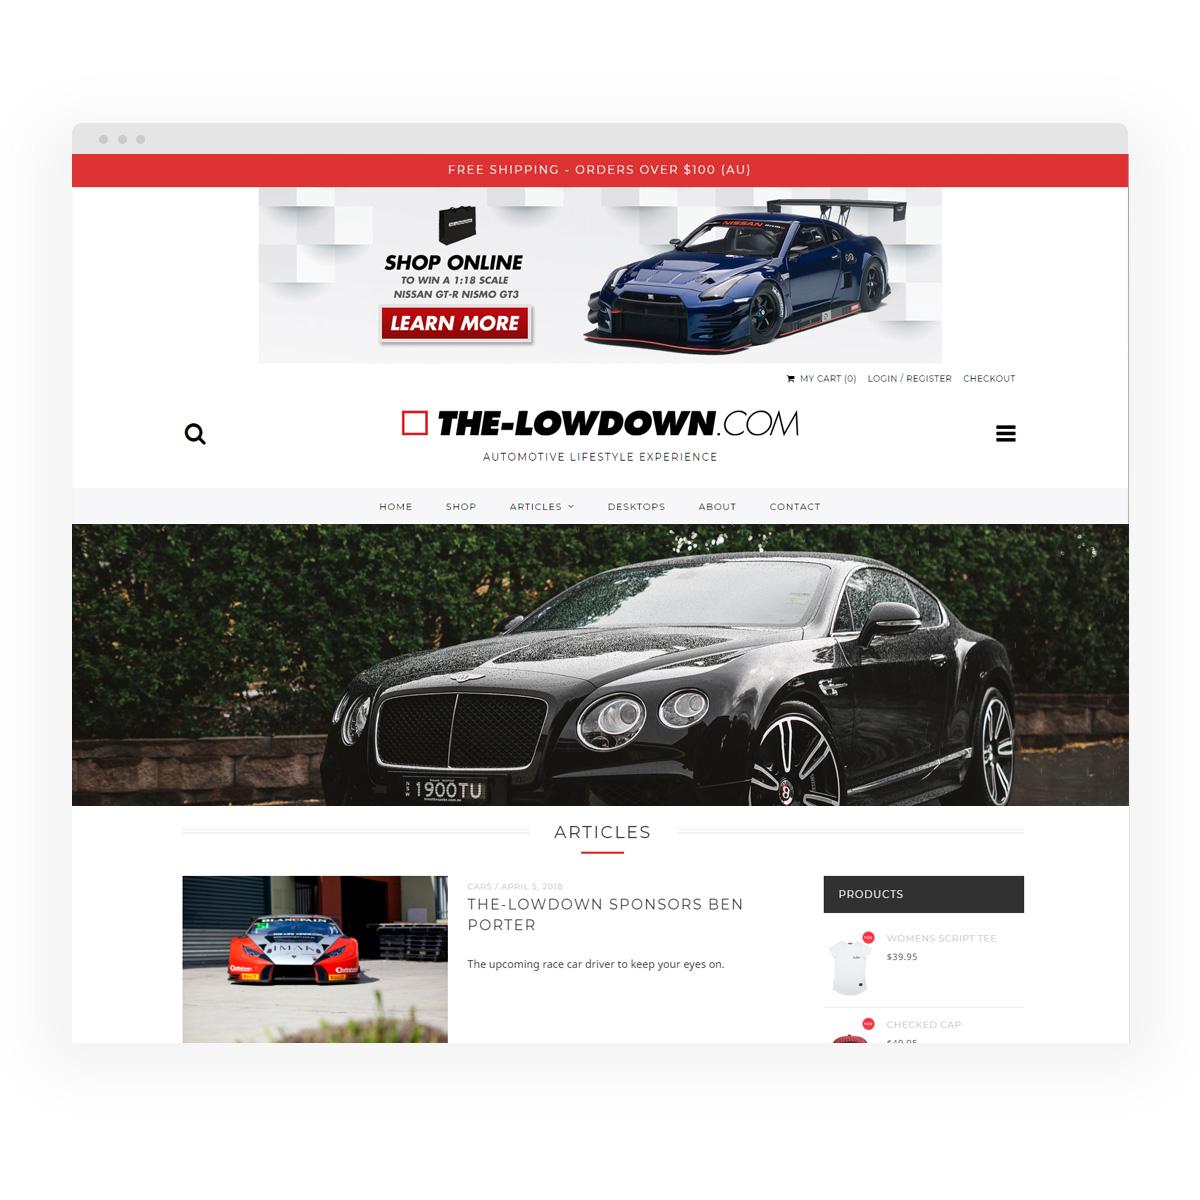 www.the-lowdown.com